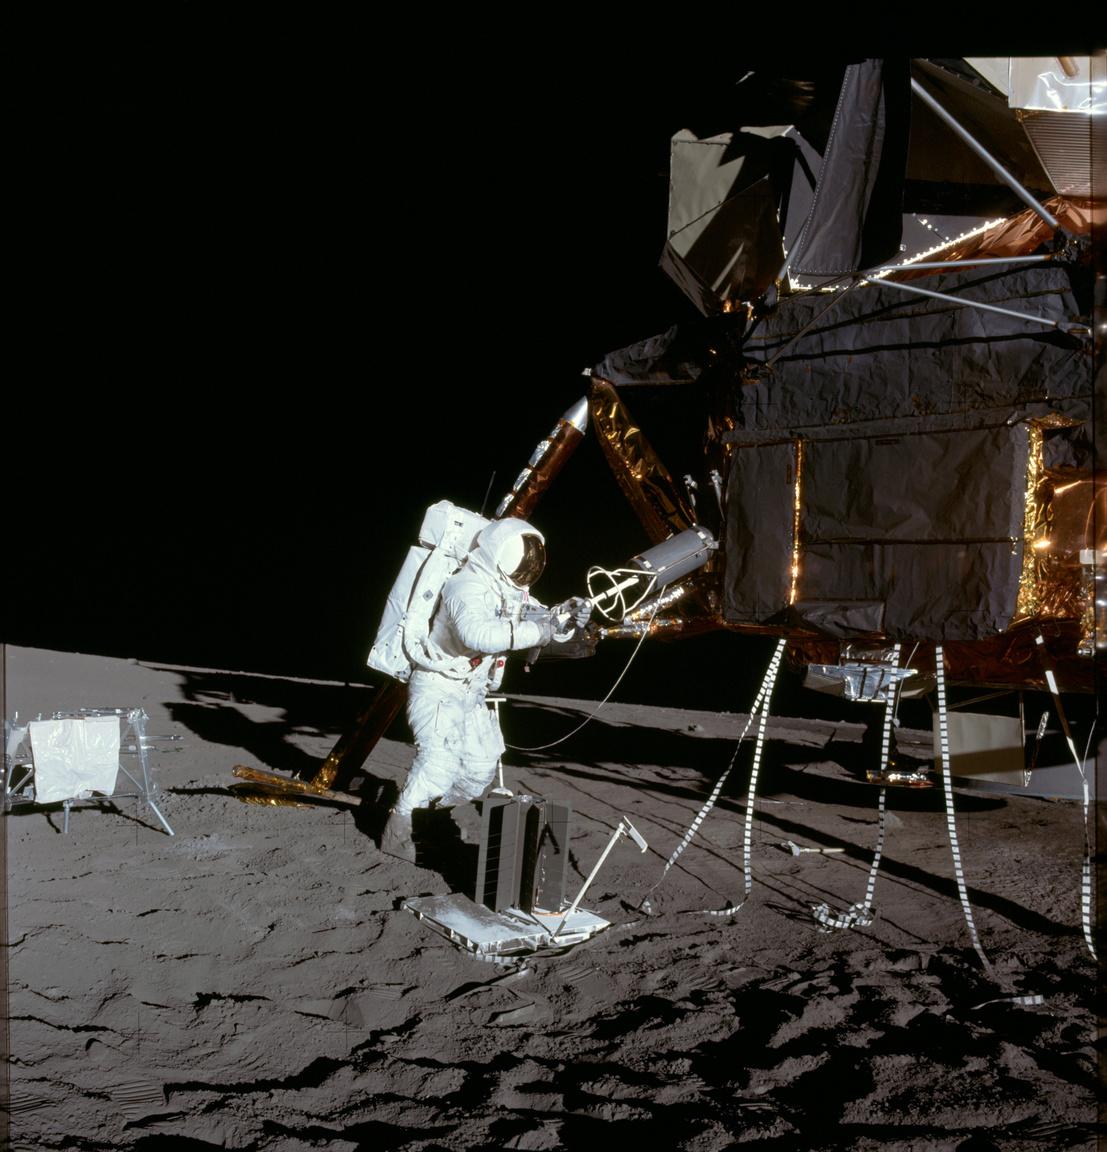 1969. november 19. Bean az első holsétán, épp leszereli a holdkompról a radioizotópos termoelektromos generátor (Radioisotope Thermoelectric Generator, RTG) üzemanyagtartályát. Az RTG a Hold felszínére telepített műszereket, kísérleti felszerelést (Apollo Lunar Surface Experiments Package, ALSEP) látja el energiával.